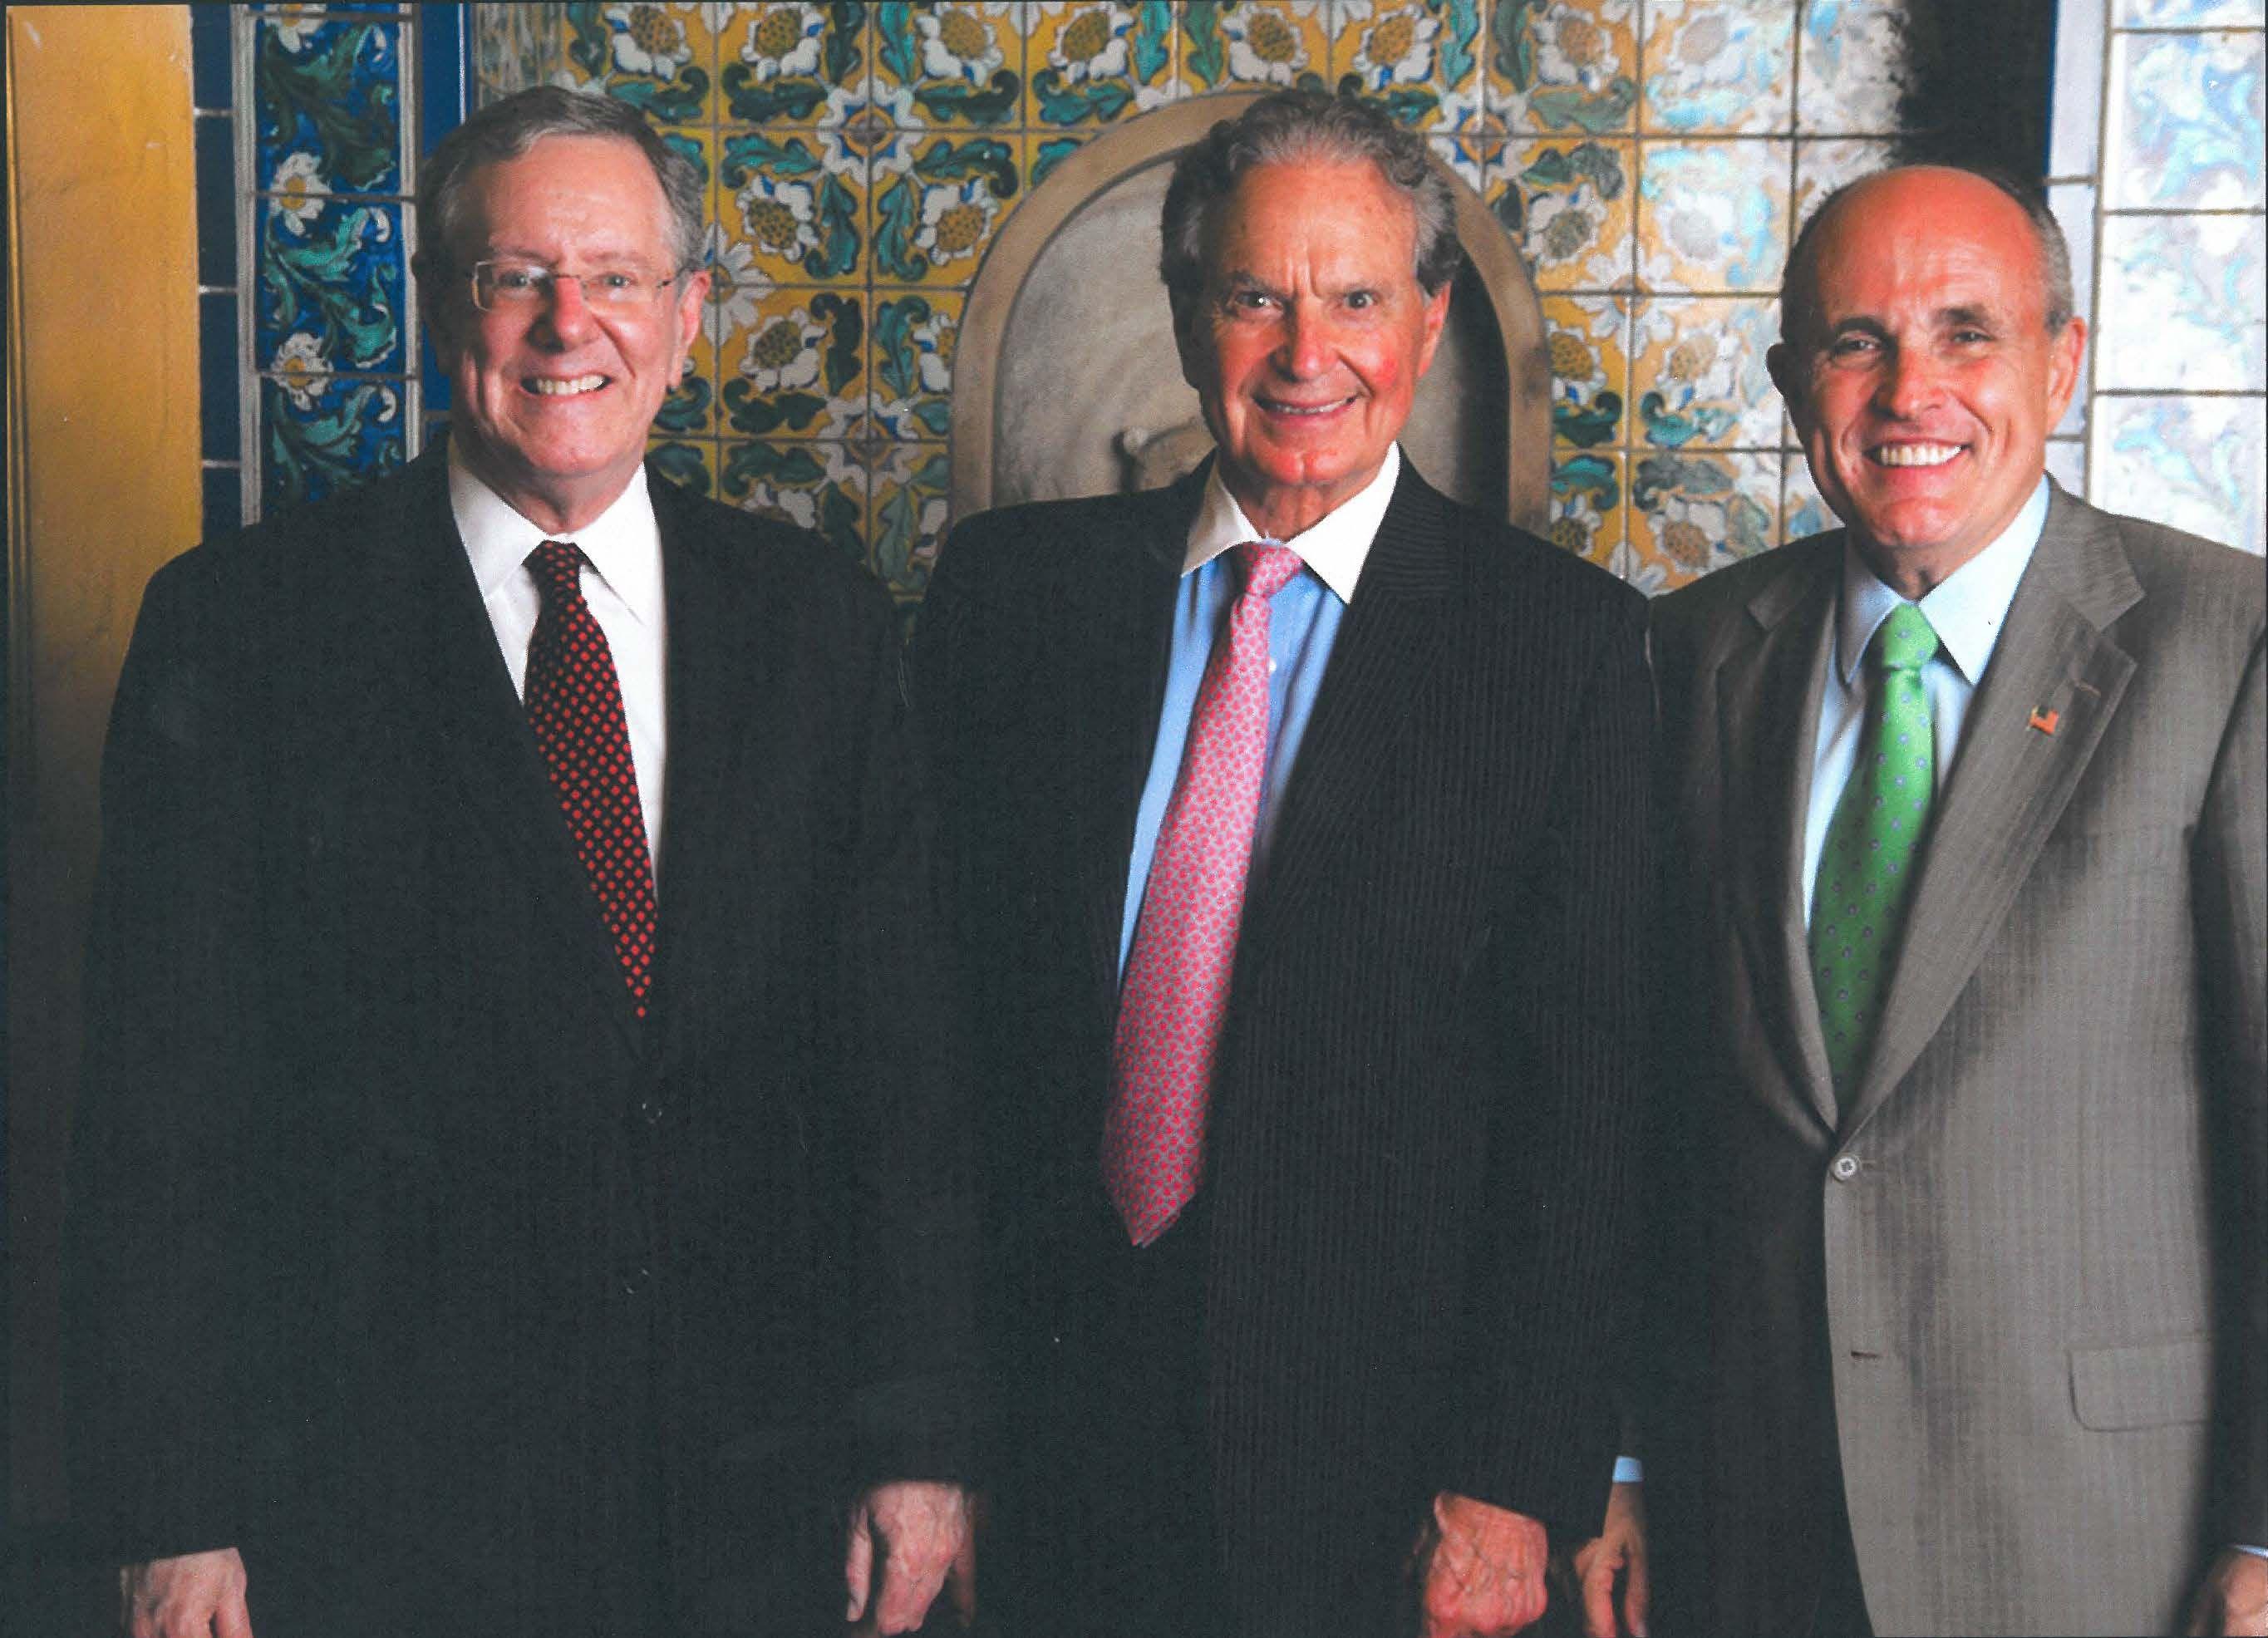 Rudy Giuliani Welcome Wilson Sr Inspirational Speaker Rudy Giuliani Author